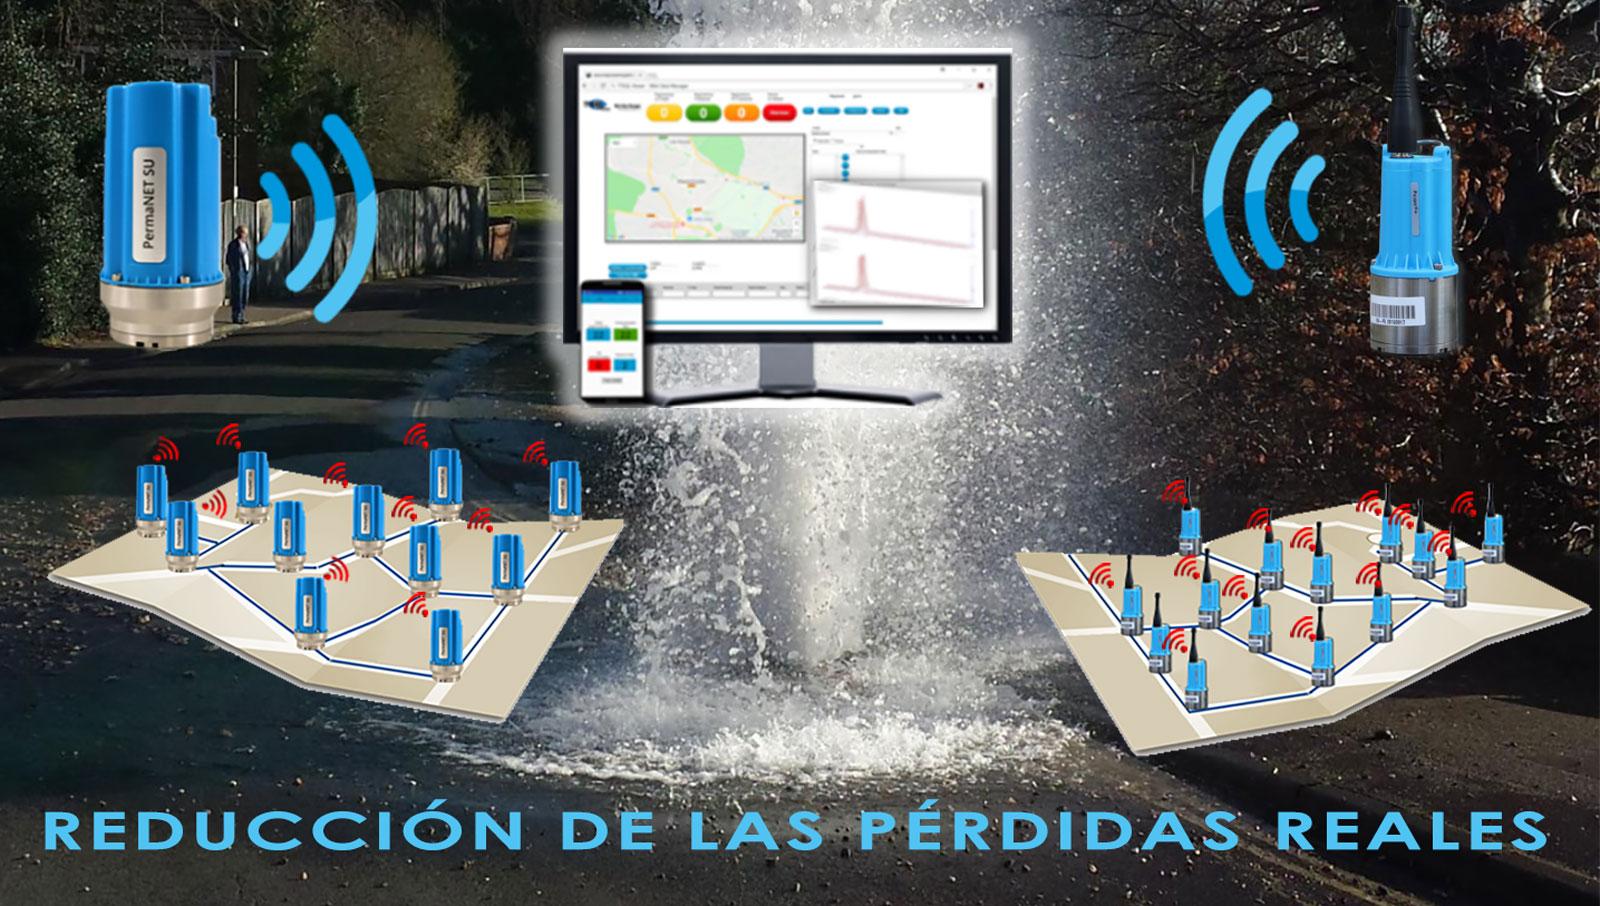 Tecnología para la transformación digital en la localización de fugas